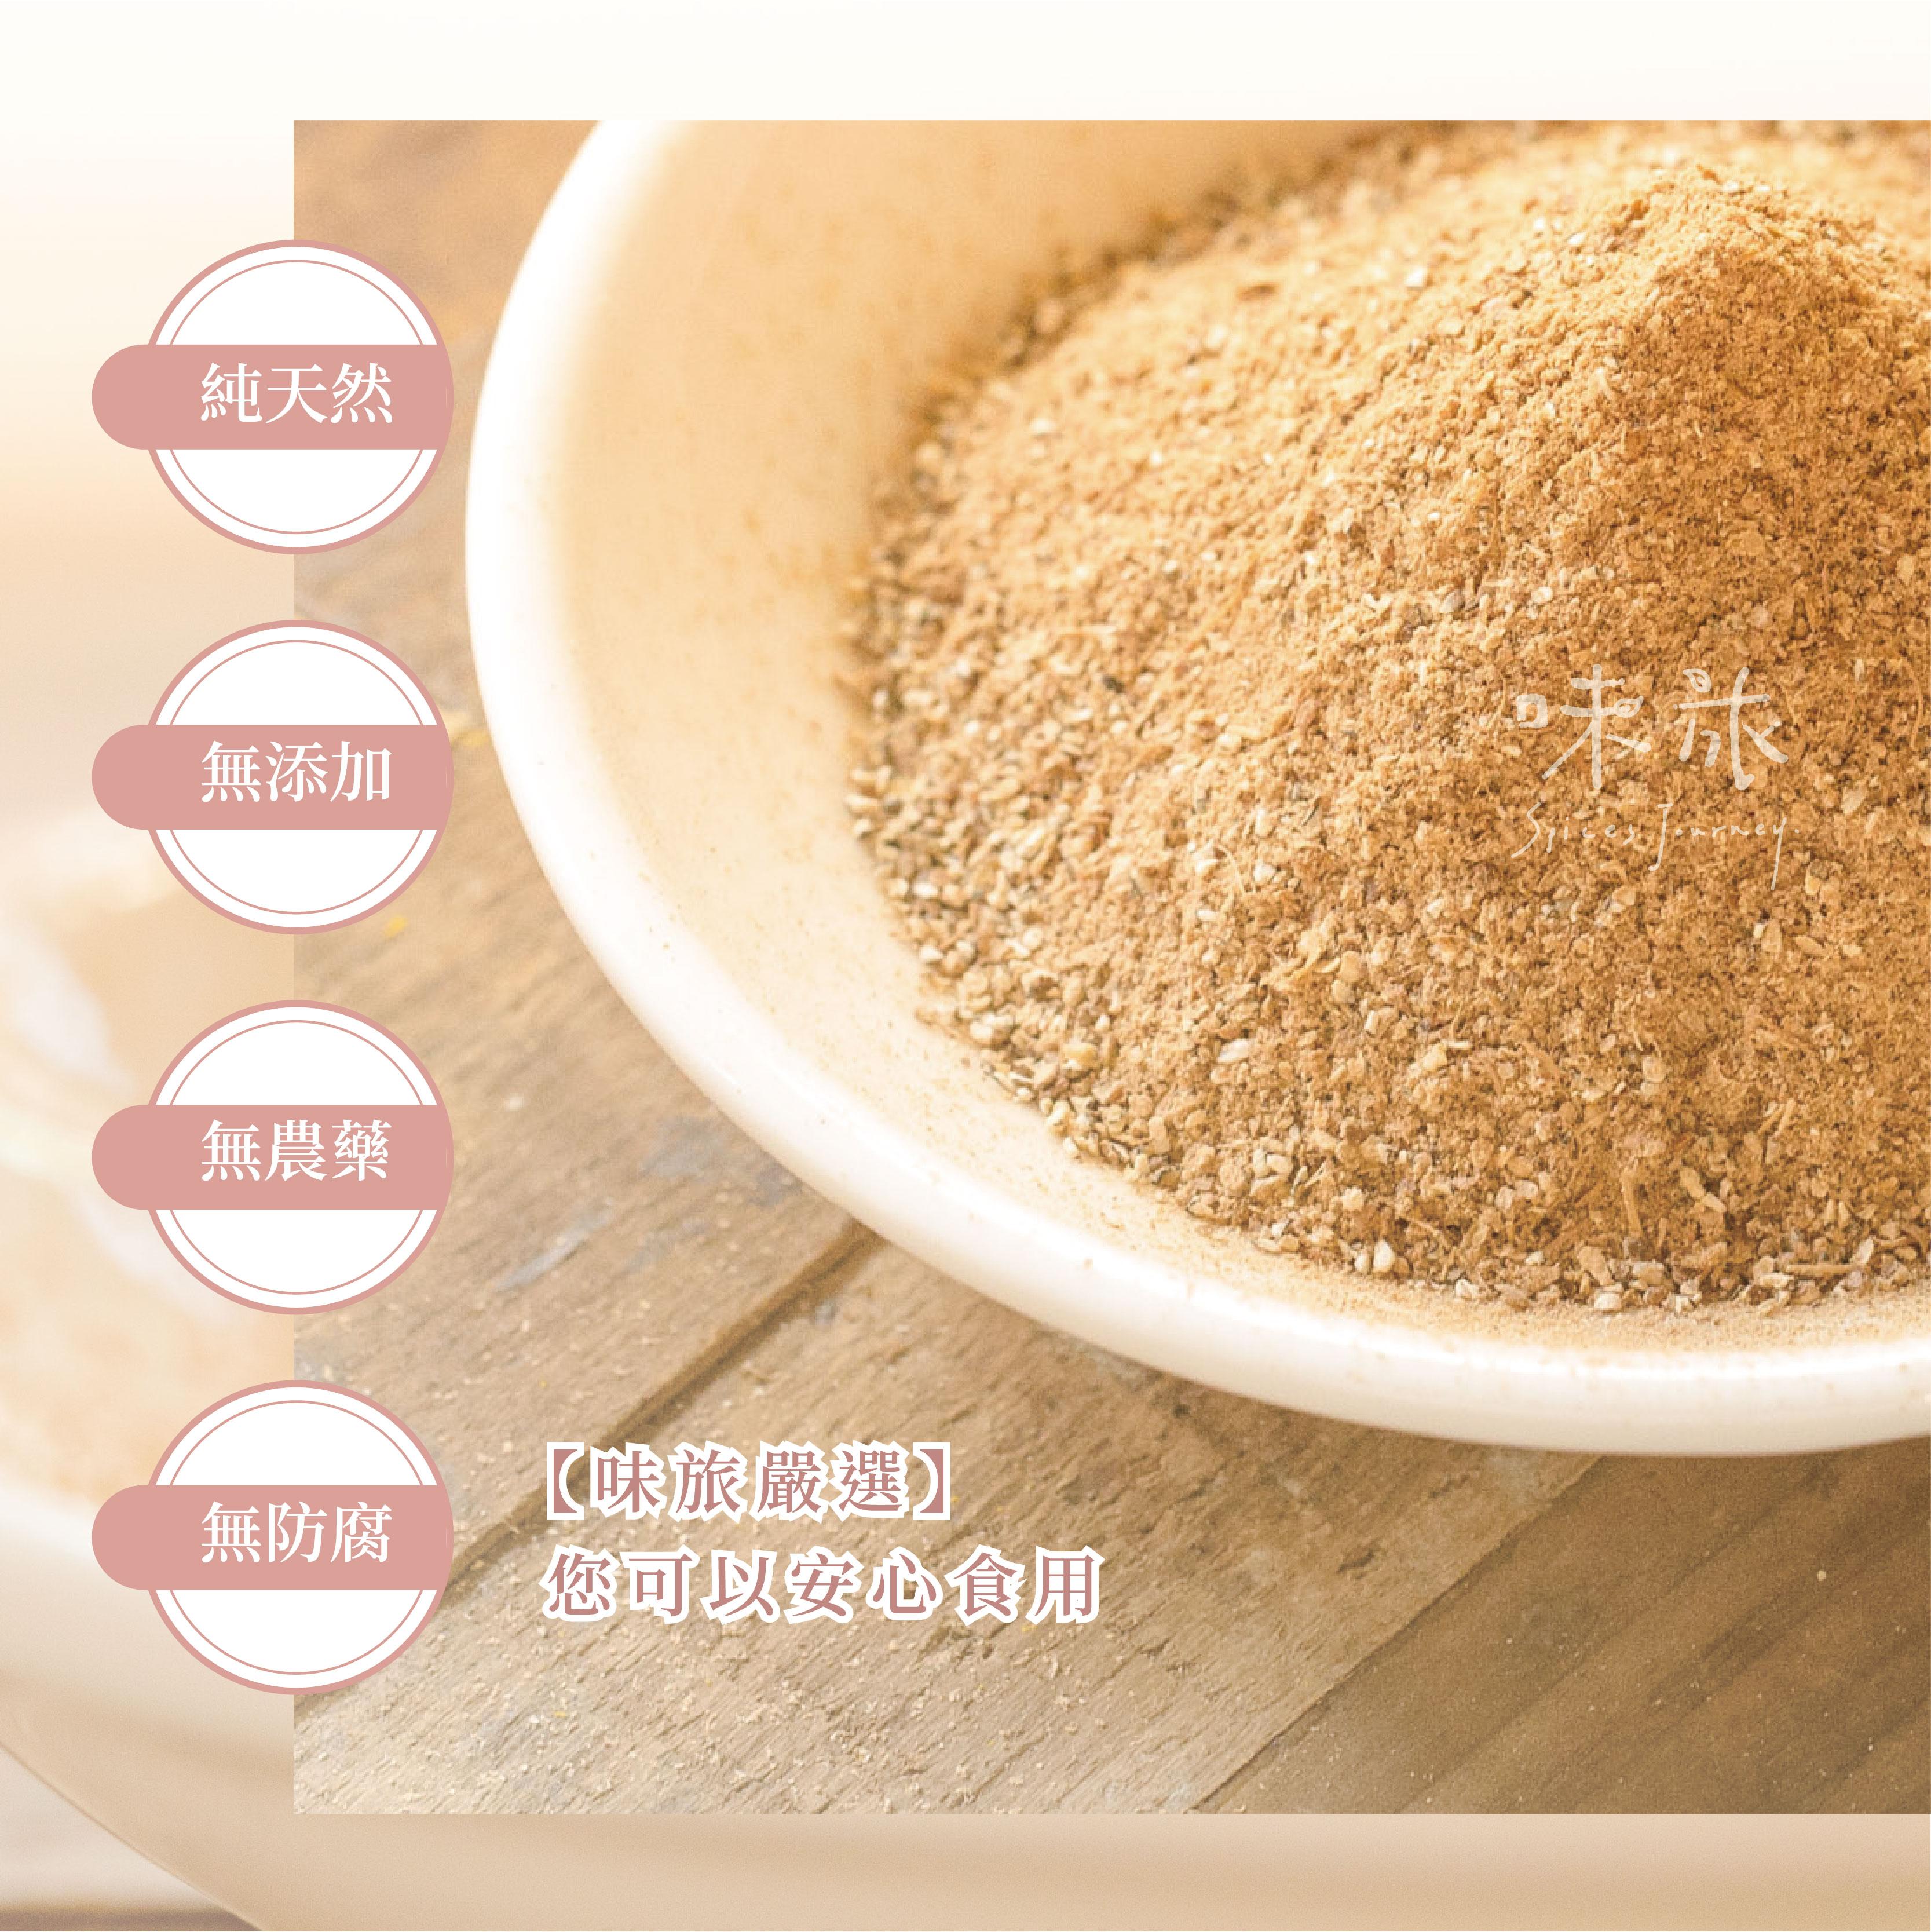 【味旅嚴選】|草果粉|Tsaoko Powder|50g【A146】